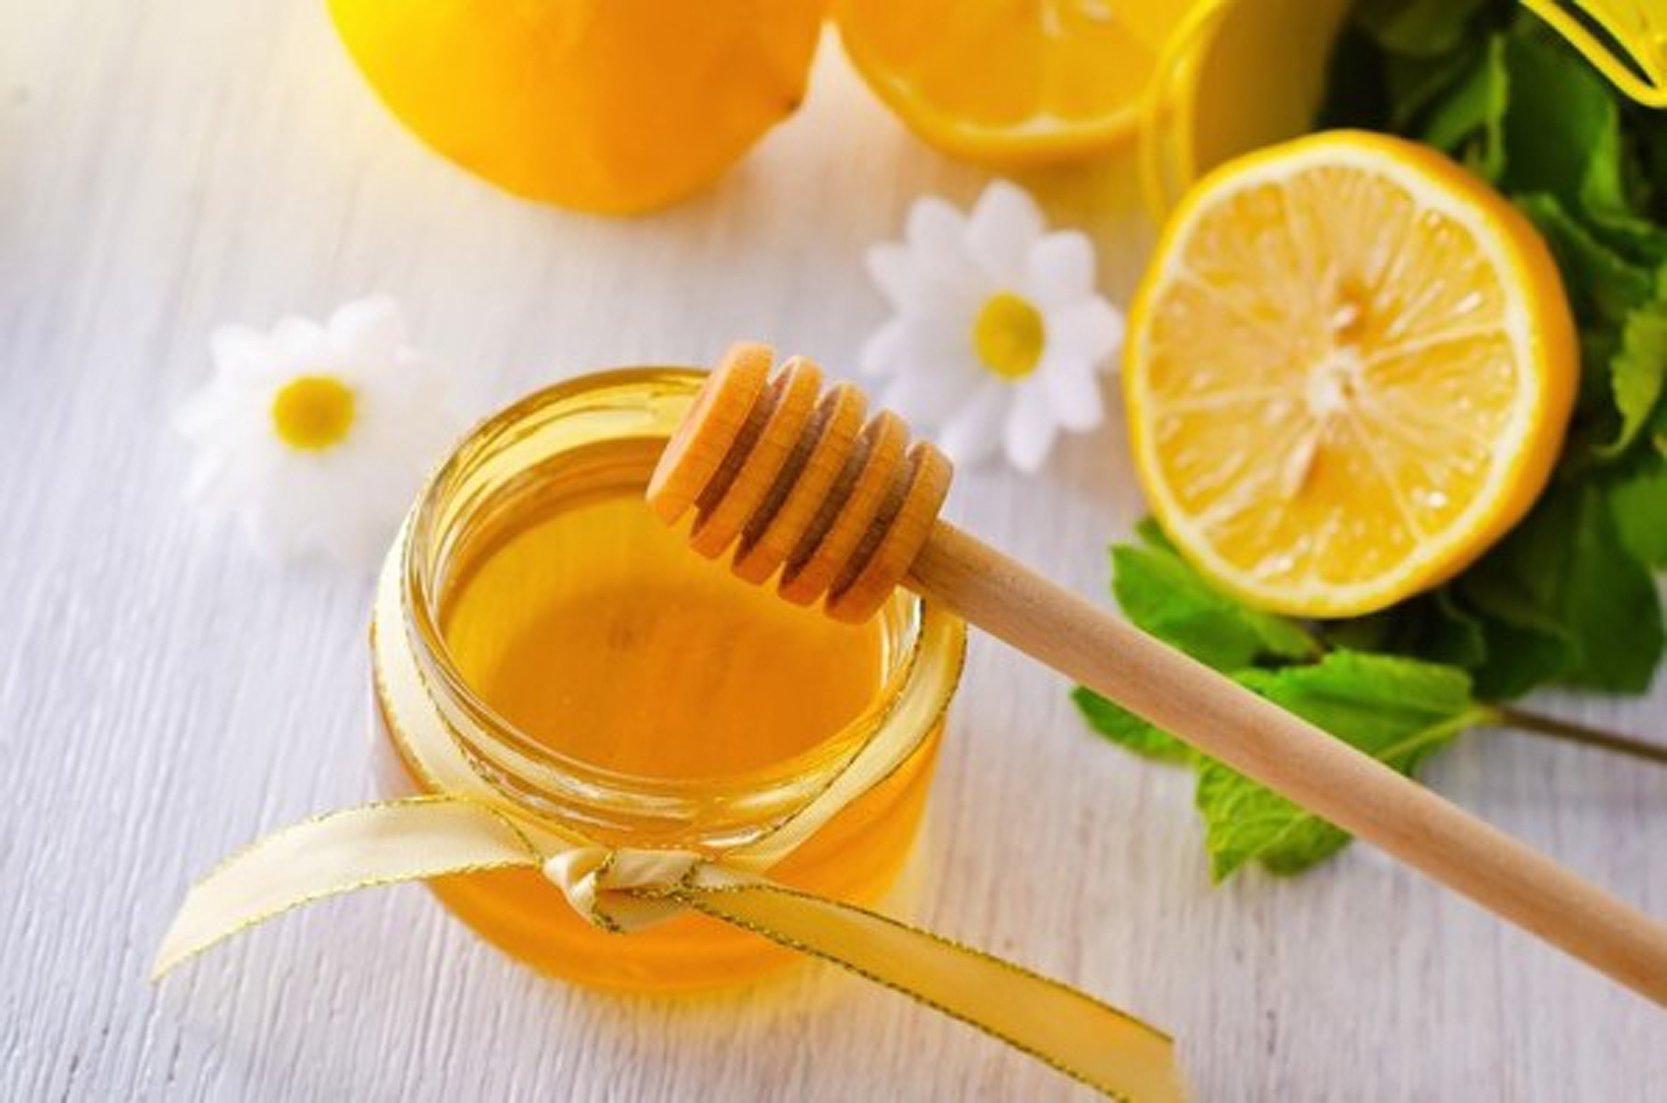 Nước chanh mật ong có tác dụng giảm cân hiệu quả.